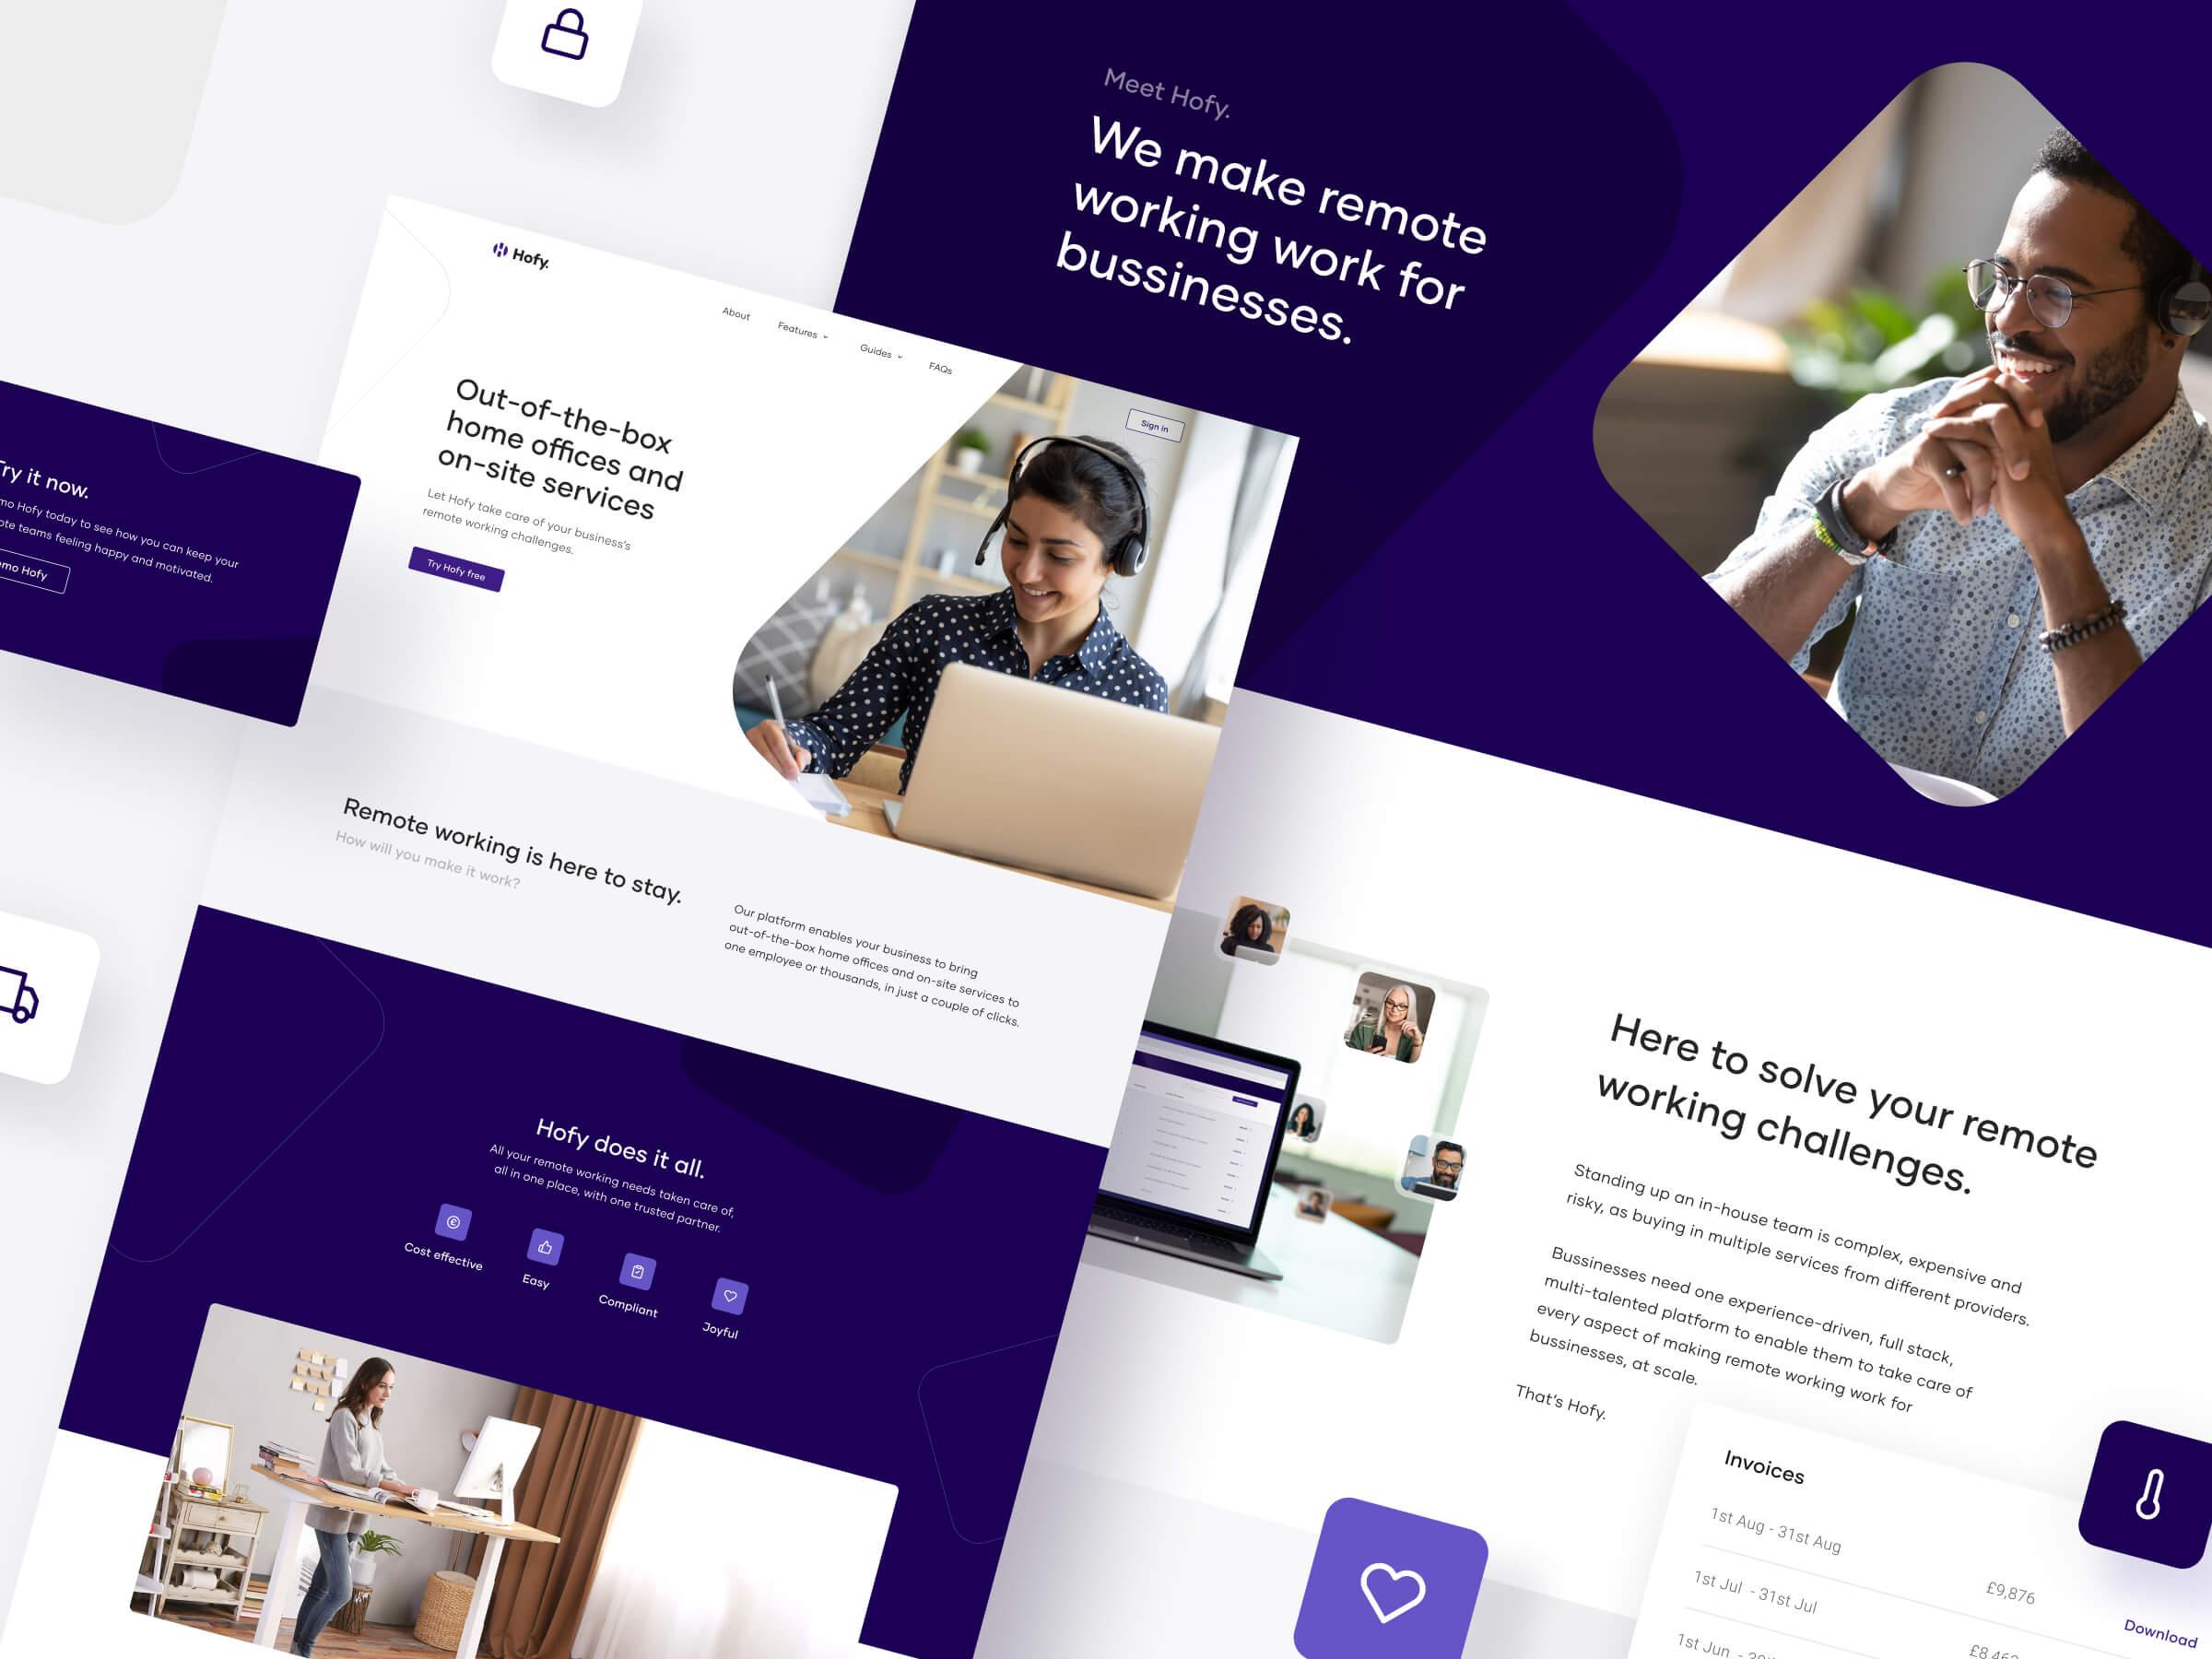 WFH management platform - Hofy